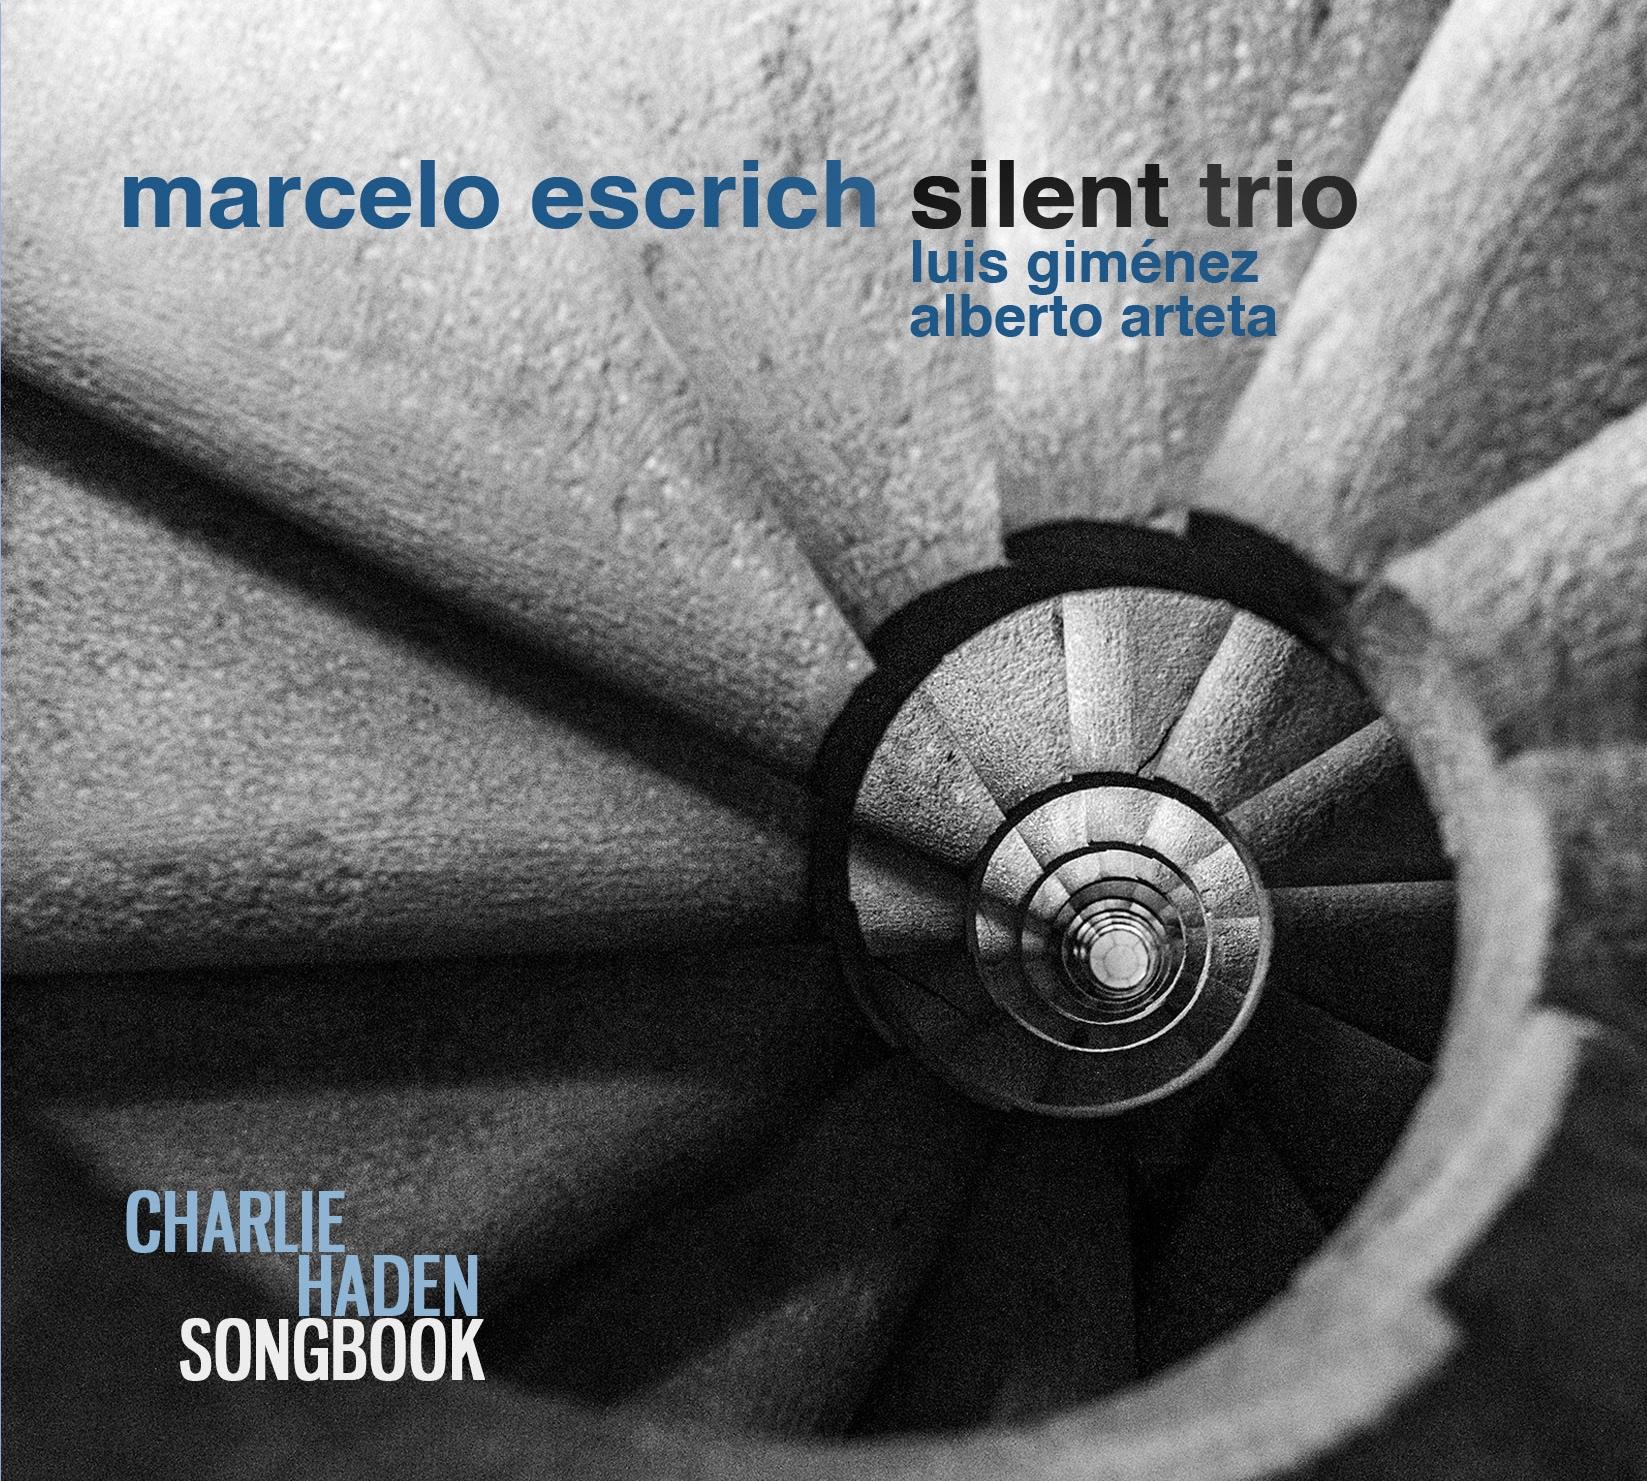 Marcelo Escrich silent trio. Charlie Haden Songbook